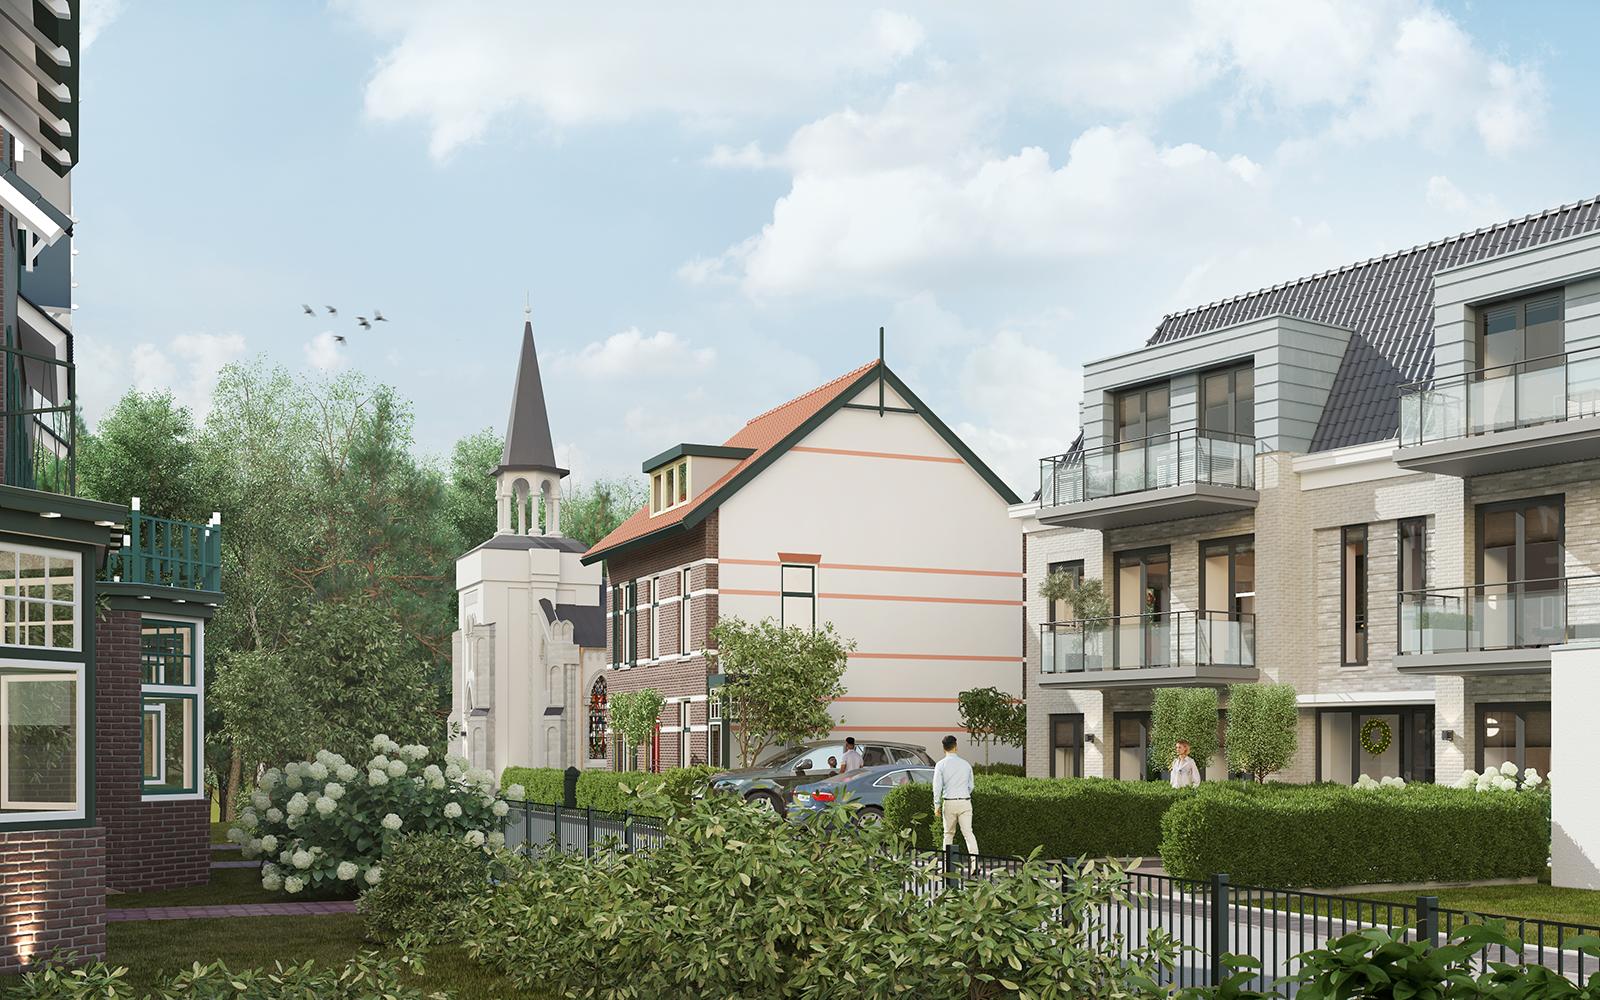 Nieuwbouwproject aan de Kampstraat in Baarn gaat in de verkoop; Zes woningen van minimaal 550.000 euro op plek oude Galvaniseerfabriek